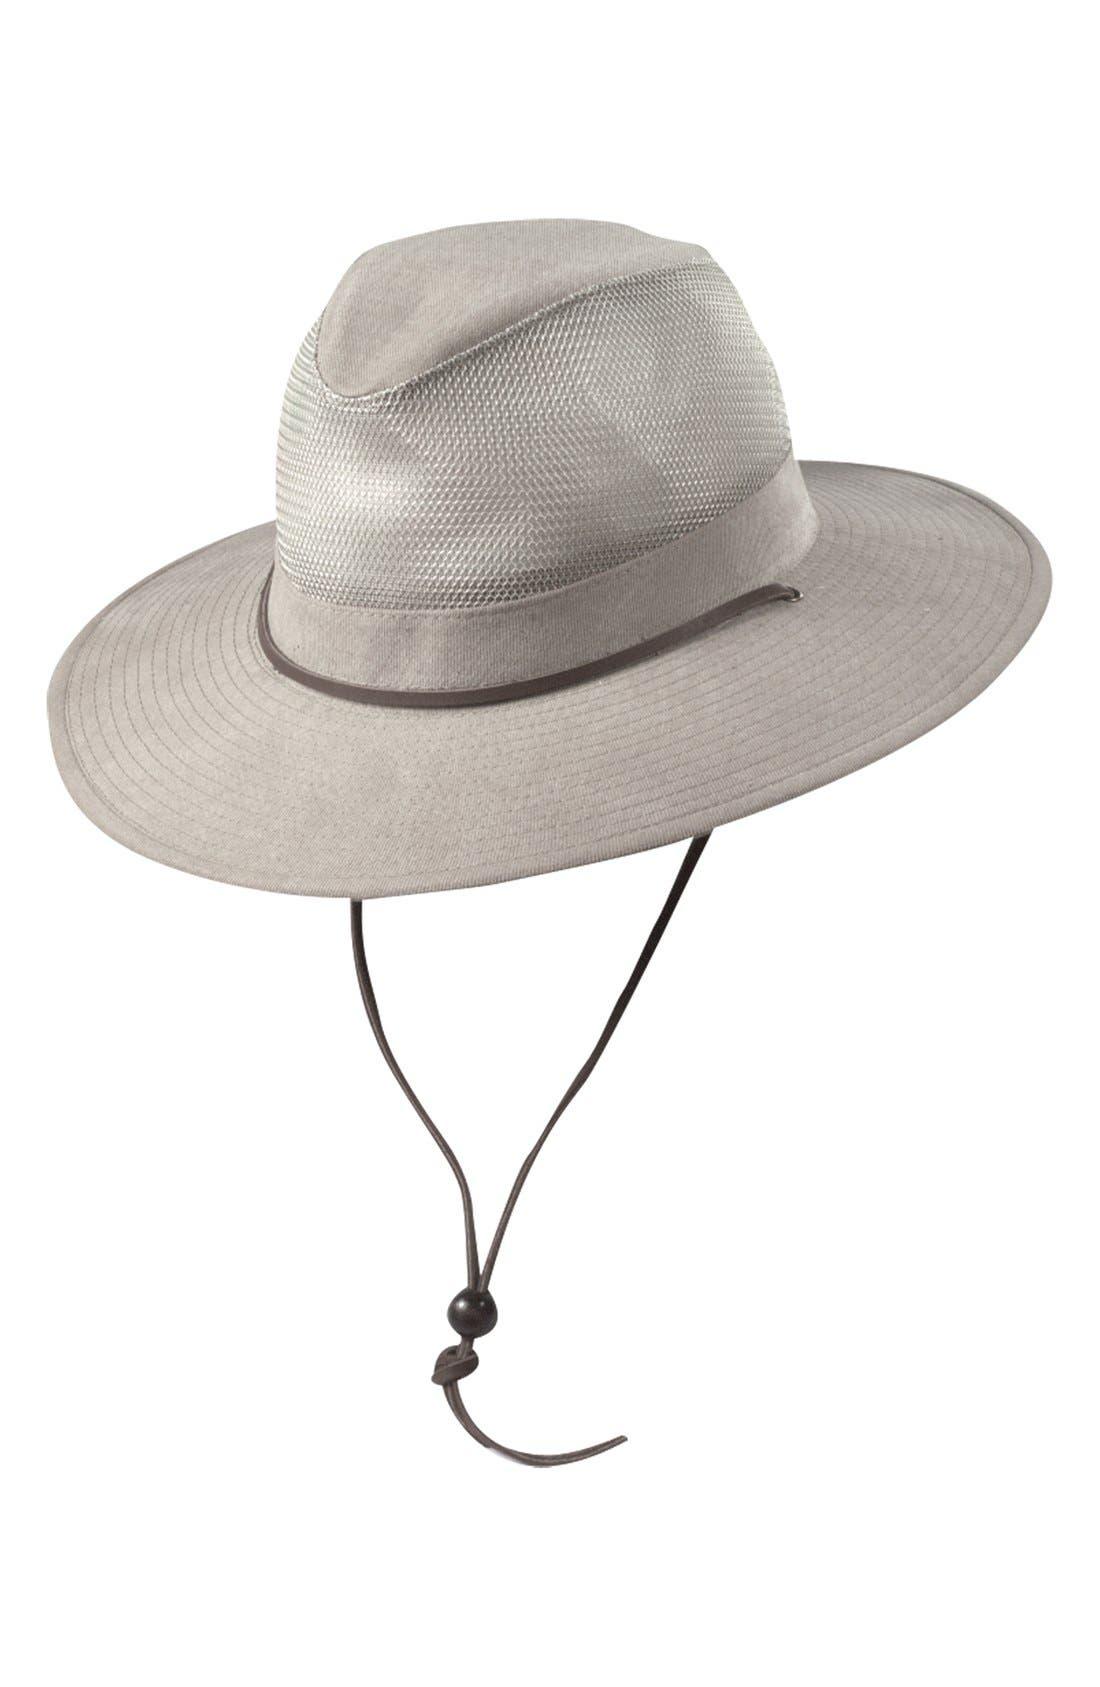 Brushed Twill Safari Hat,                             Main thumbnail 1, color,                             KHAKI